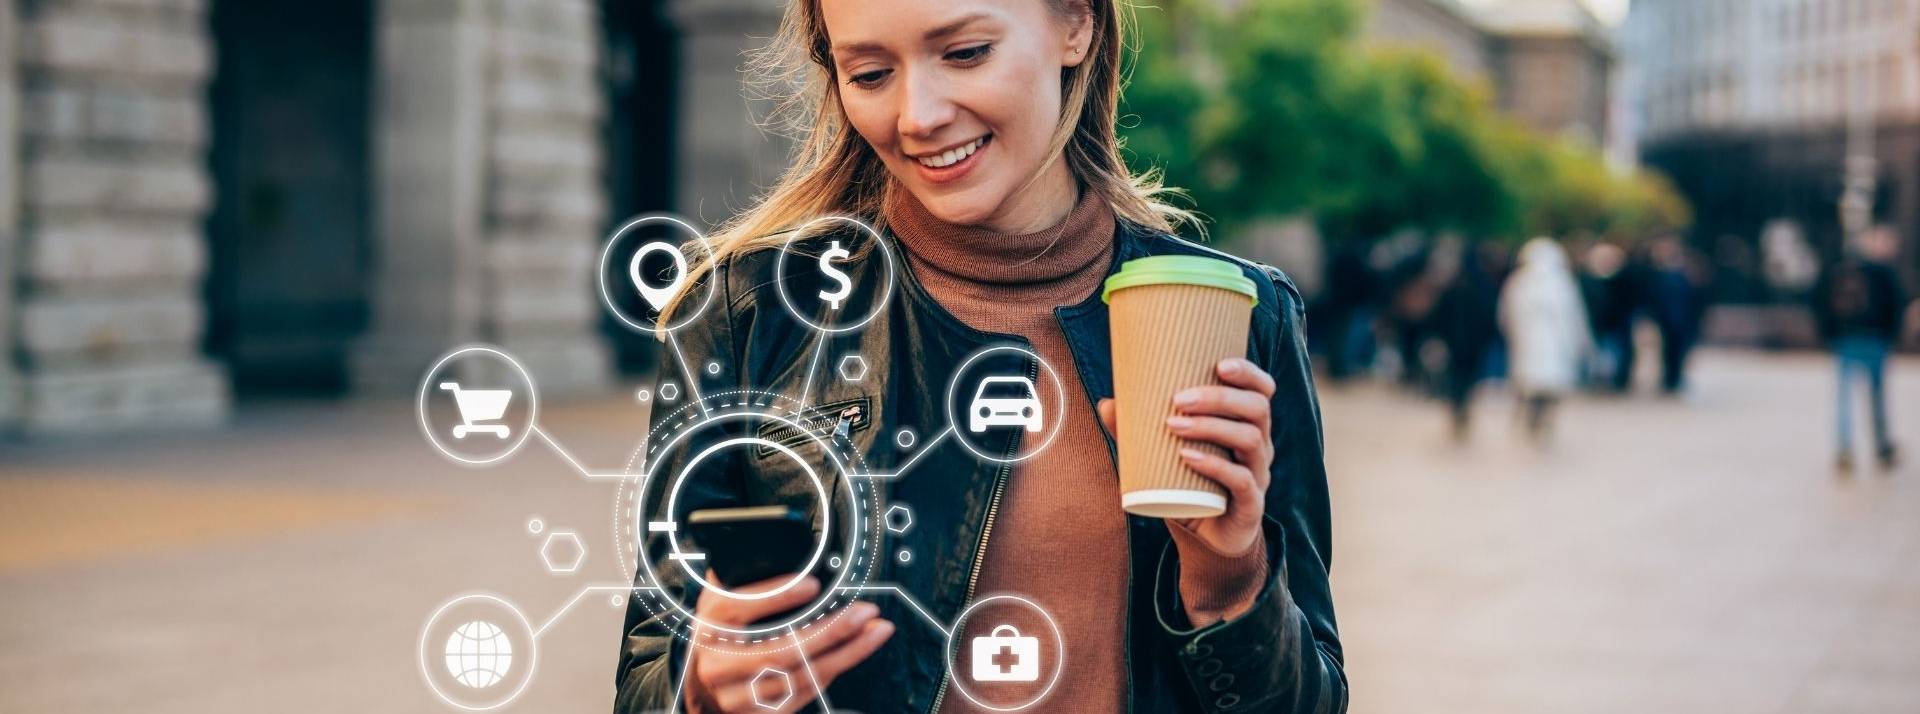 Jeune femme avec un smartphone dans la main droite et un mug dans la main gauche